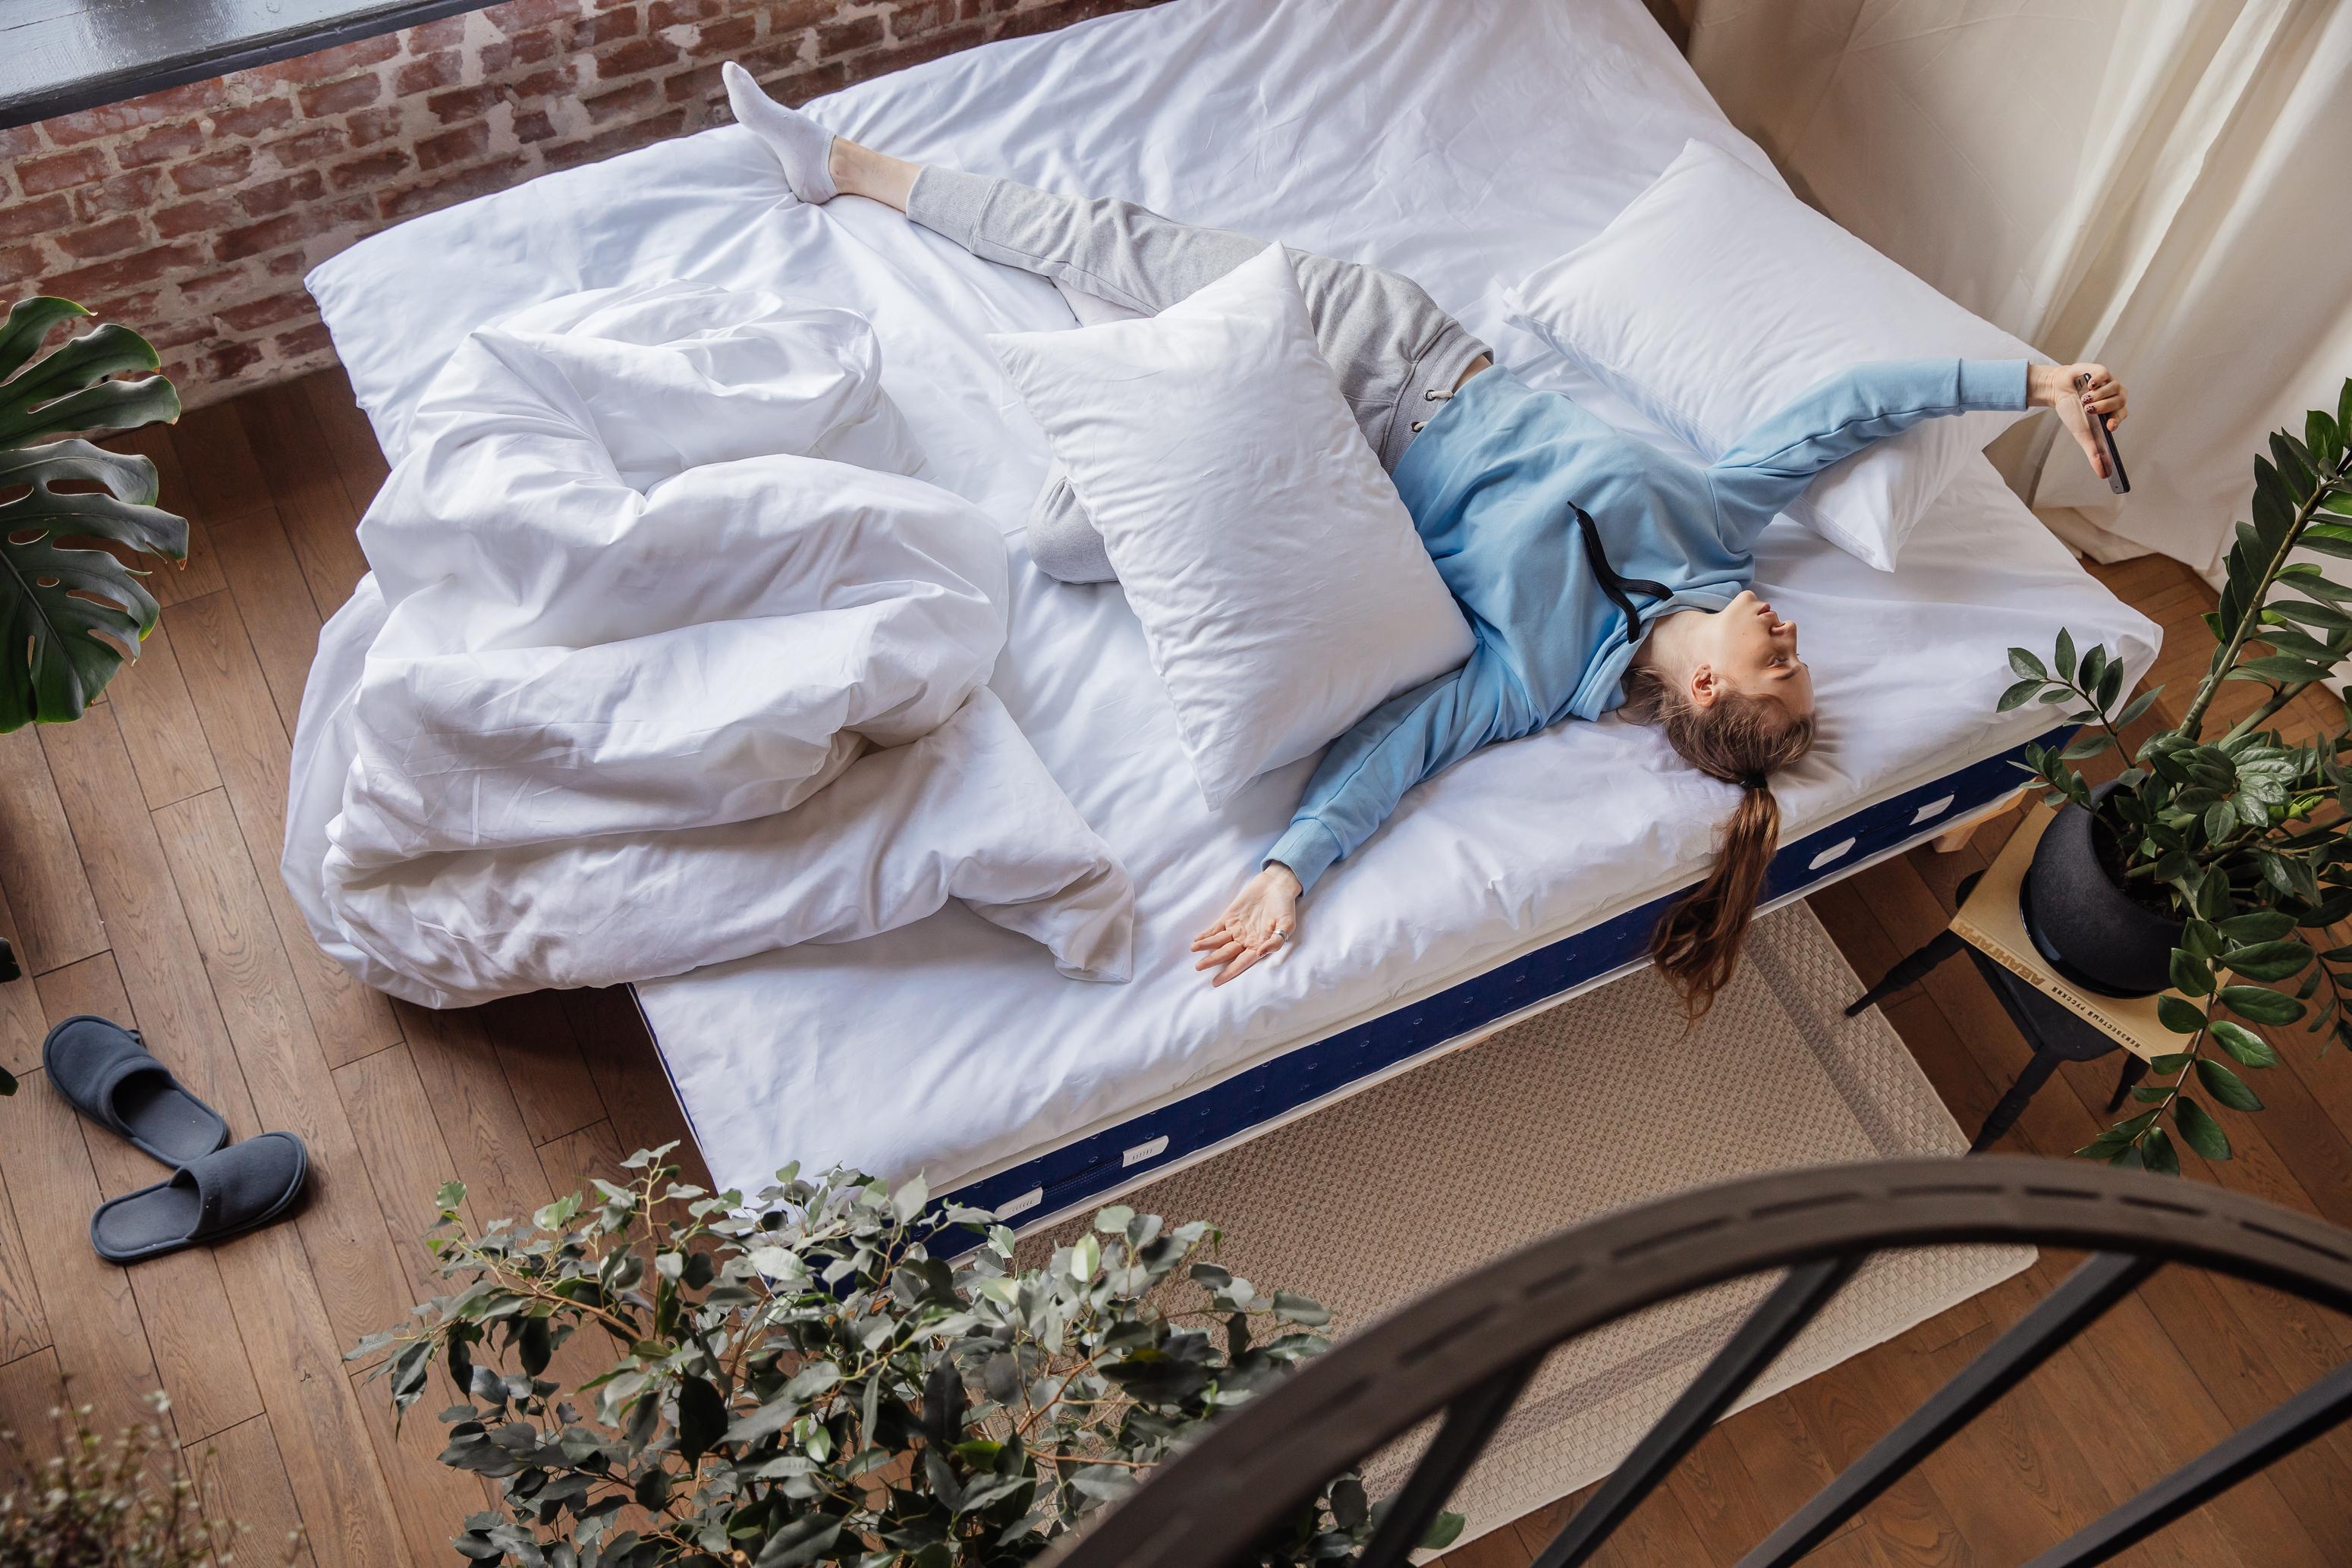 Как наконец-то выспаться: минимум советов, которые действительно помогают